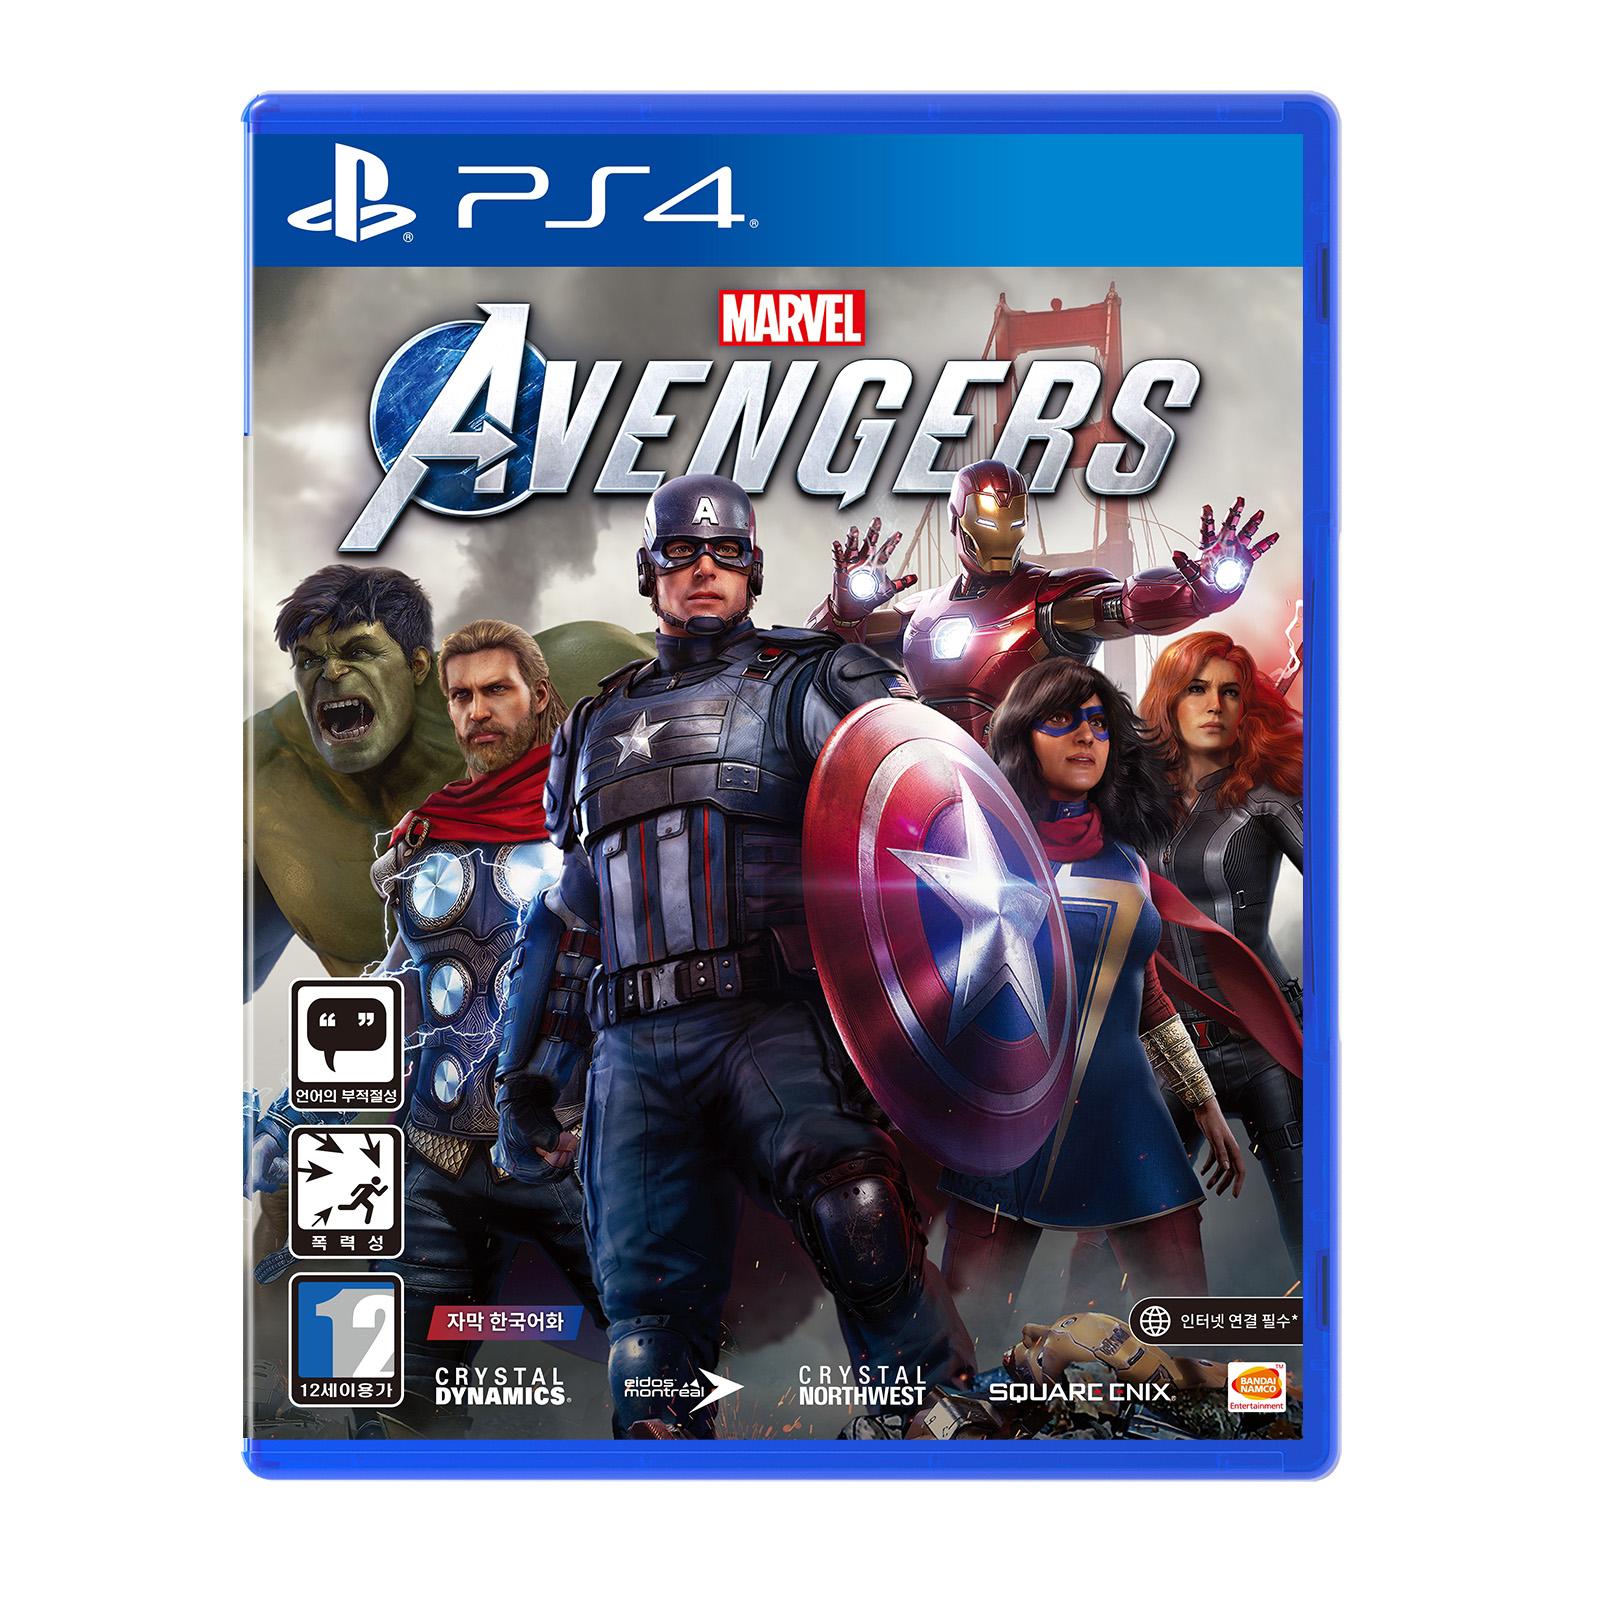 PS4 마블 어벤져스 스탠다드 에디션 한글판, 단일상품